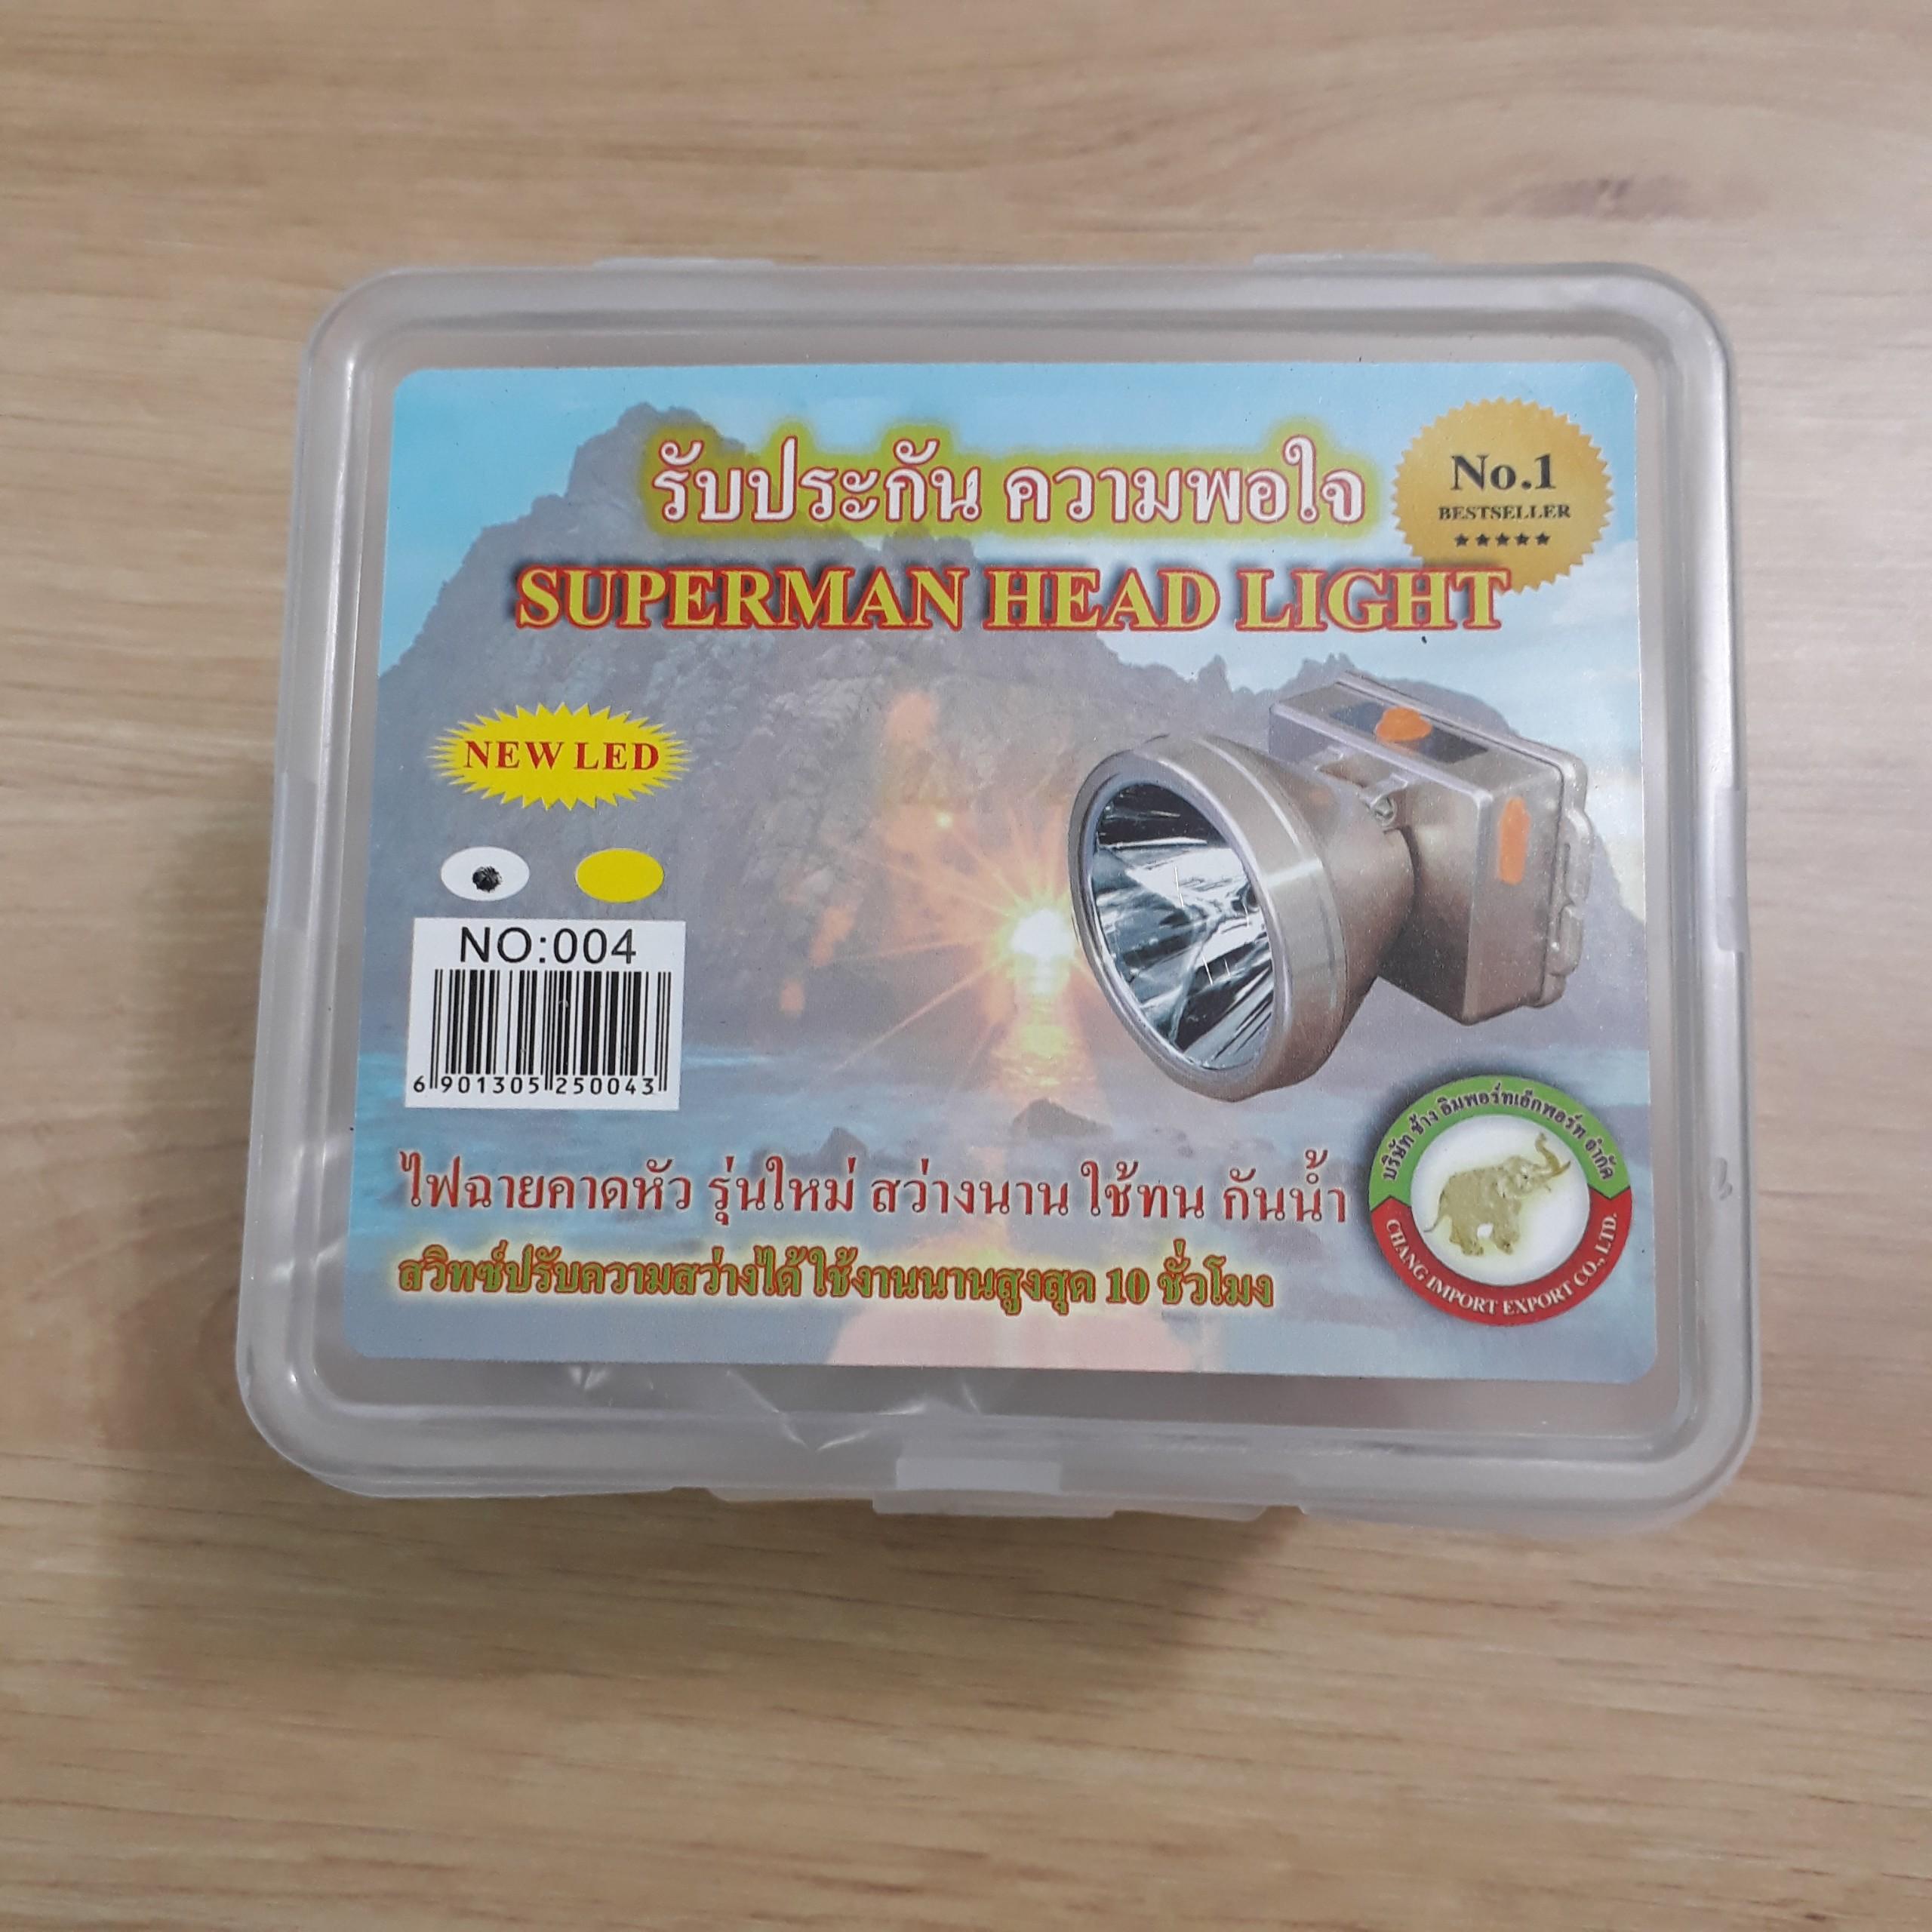 Đèn pin đội đầu 100W No.004 Thailand   Giá rẻ nhất - Công Ty TNHH Thương Mại Dịch Vụ Đạt Tâm